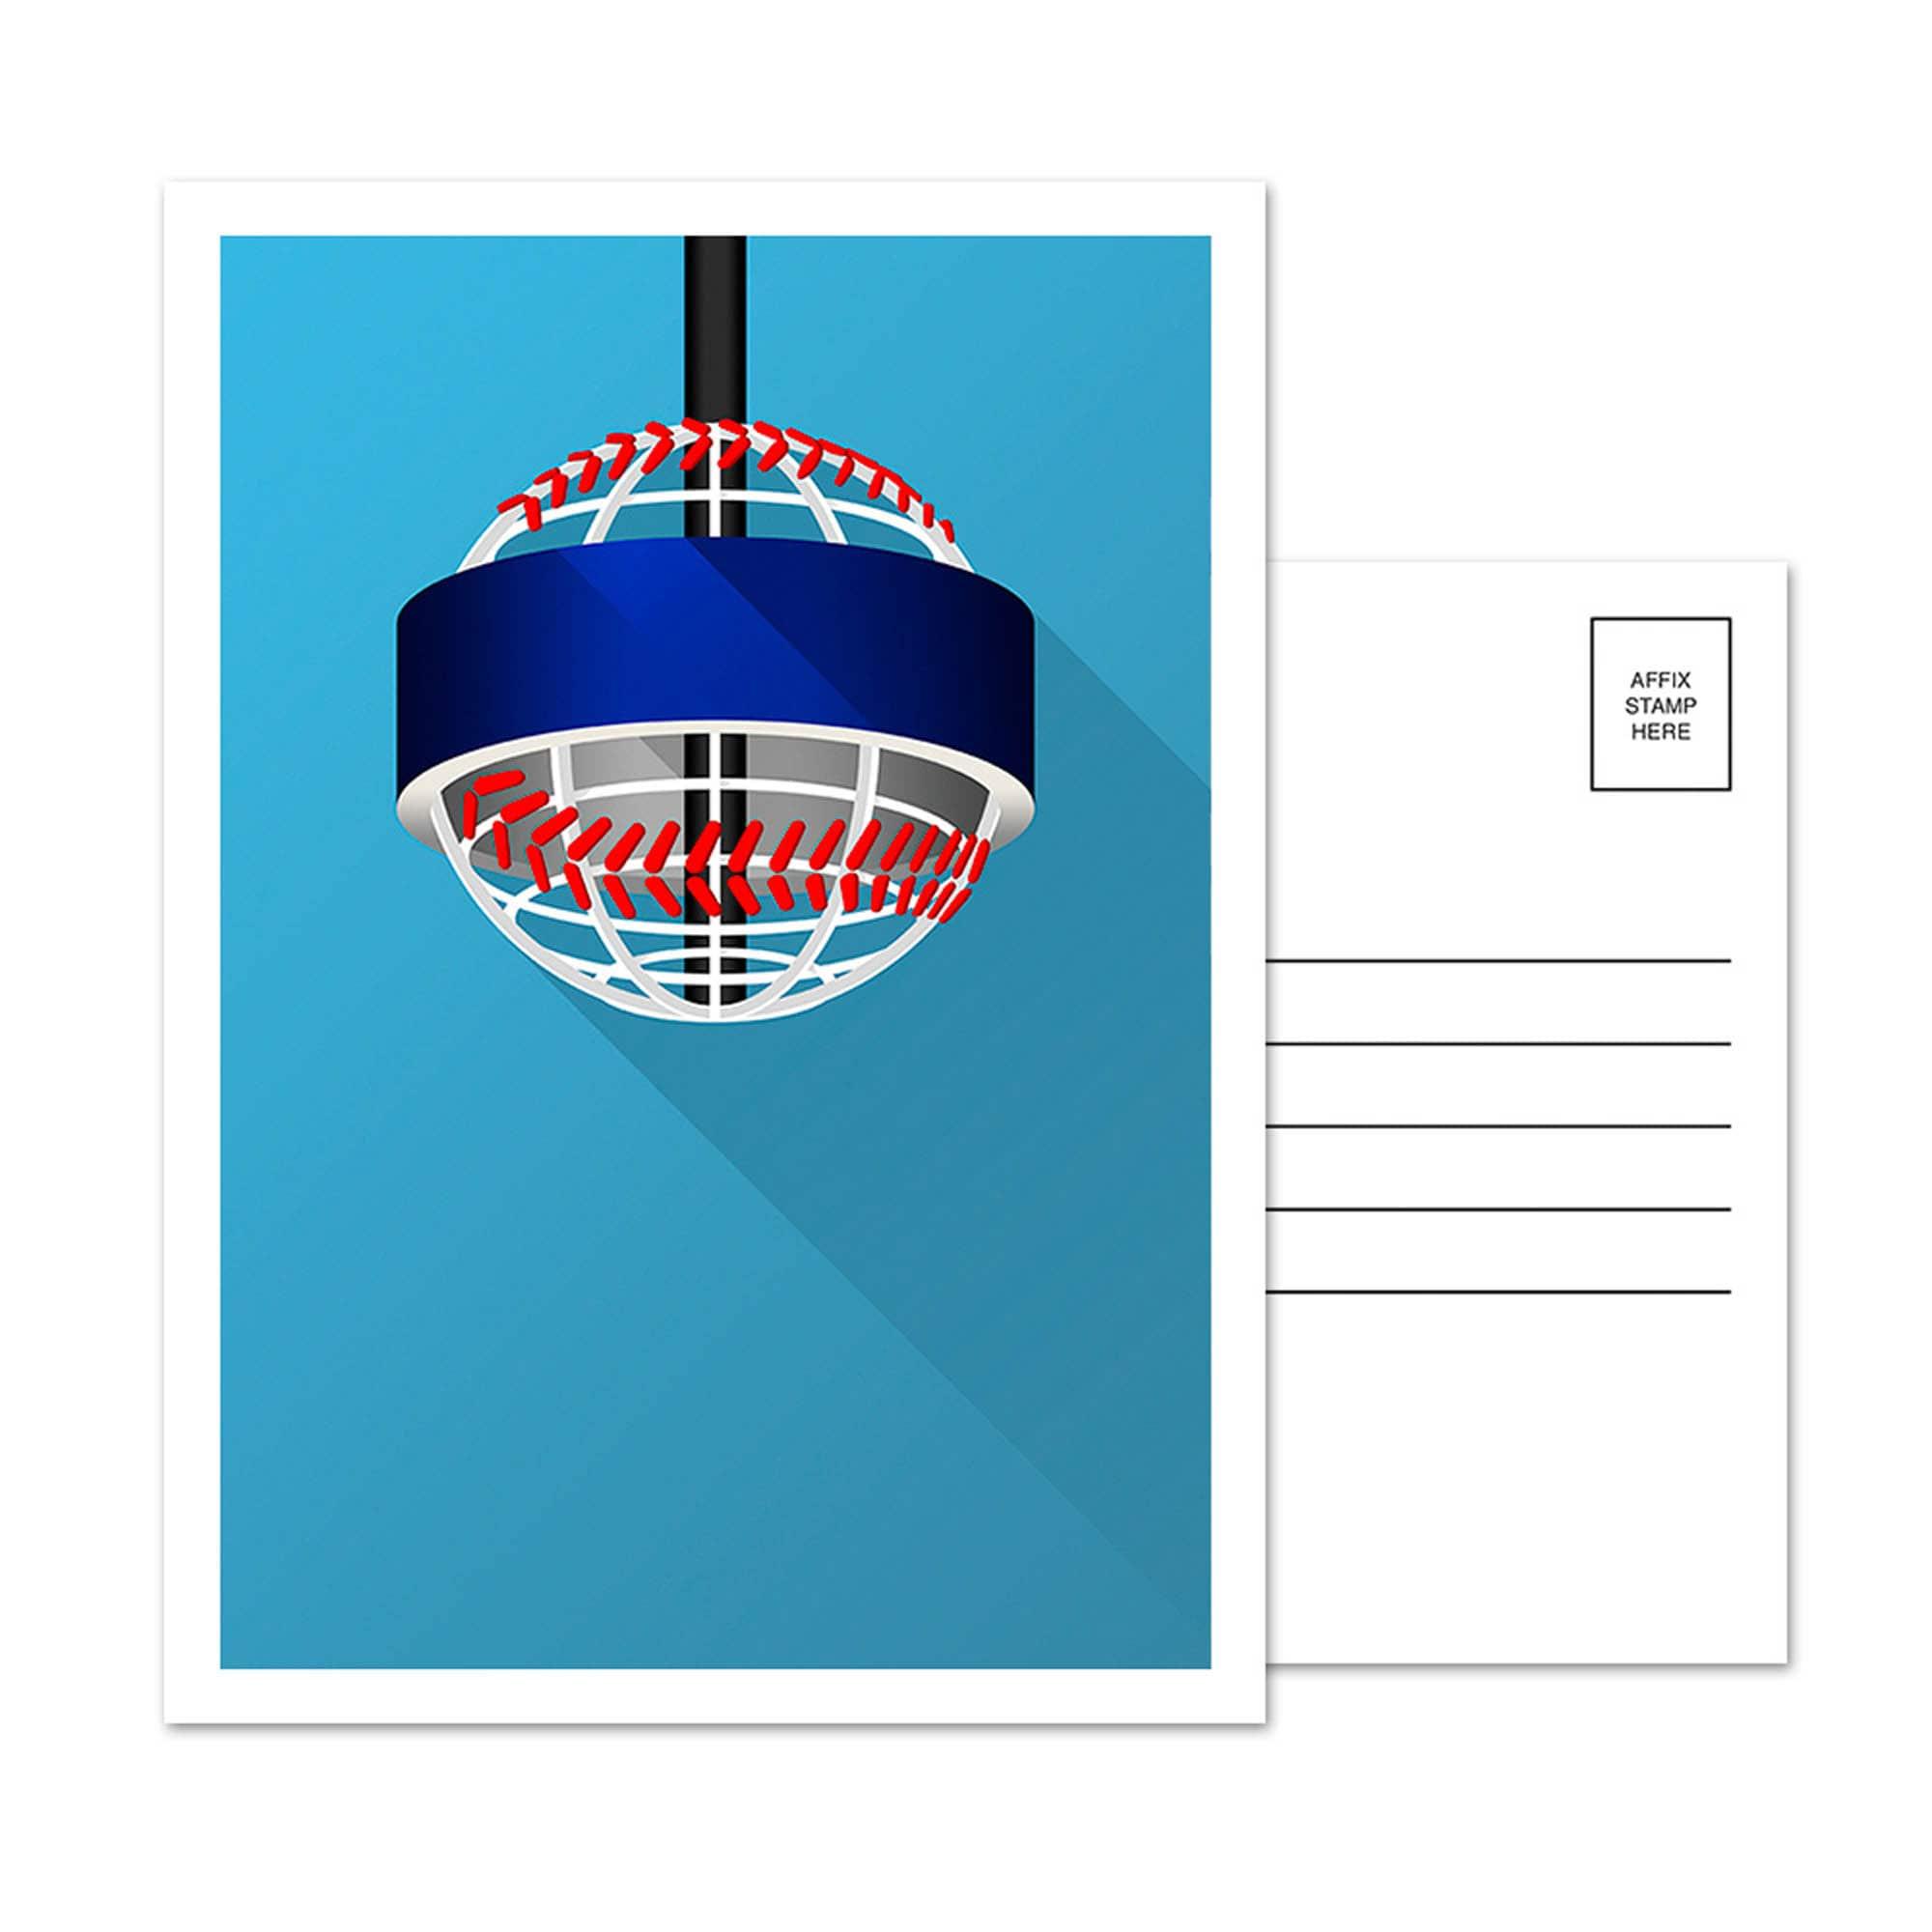 Atlanta Braves Truist Park 5-Pack Minimalist Postcard Set